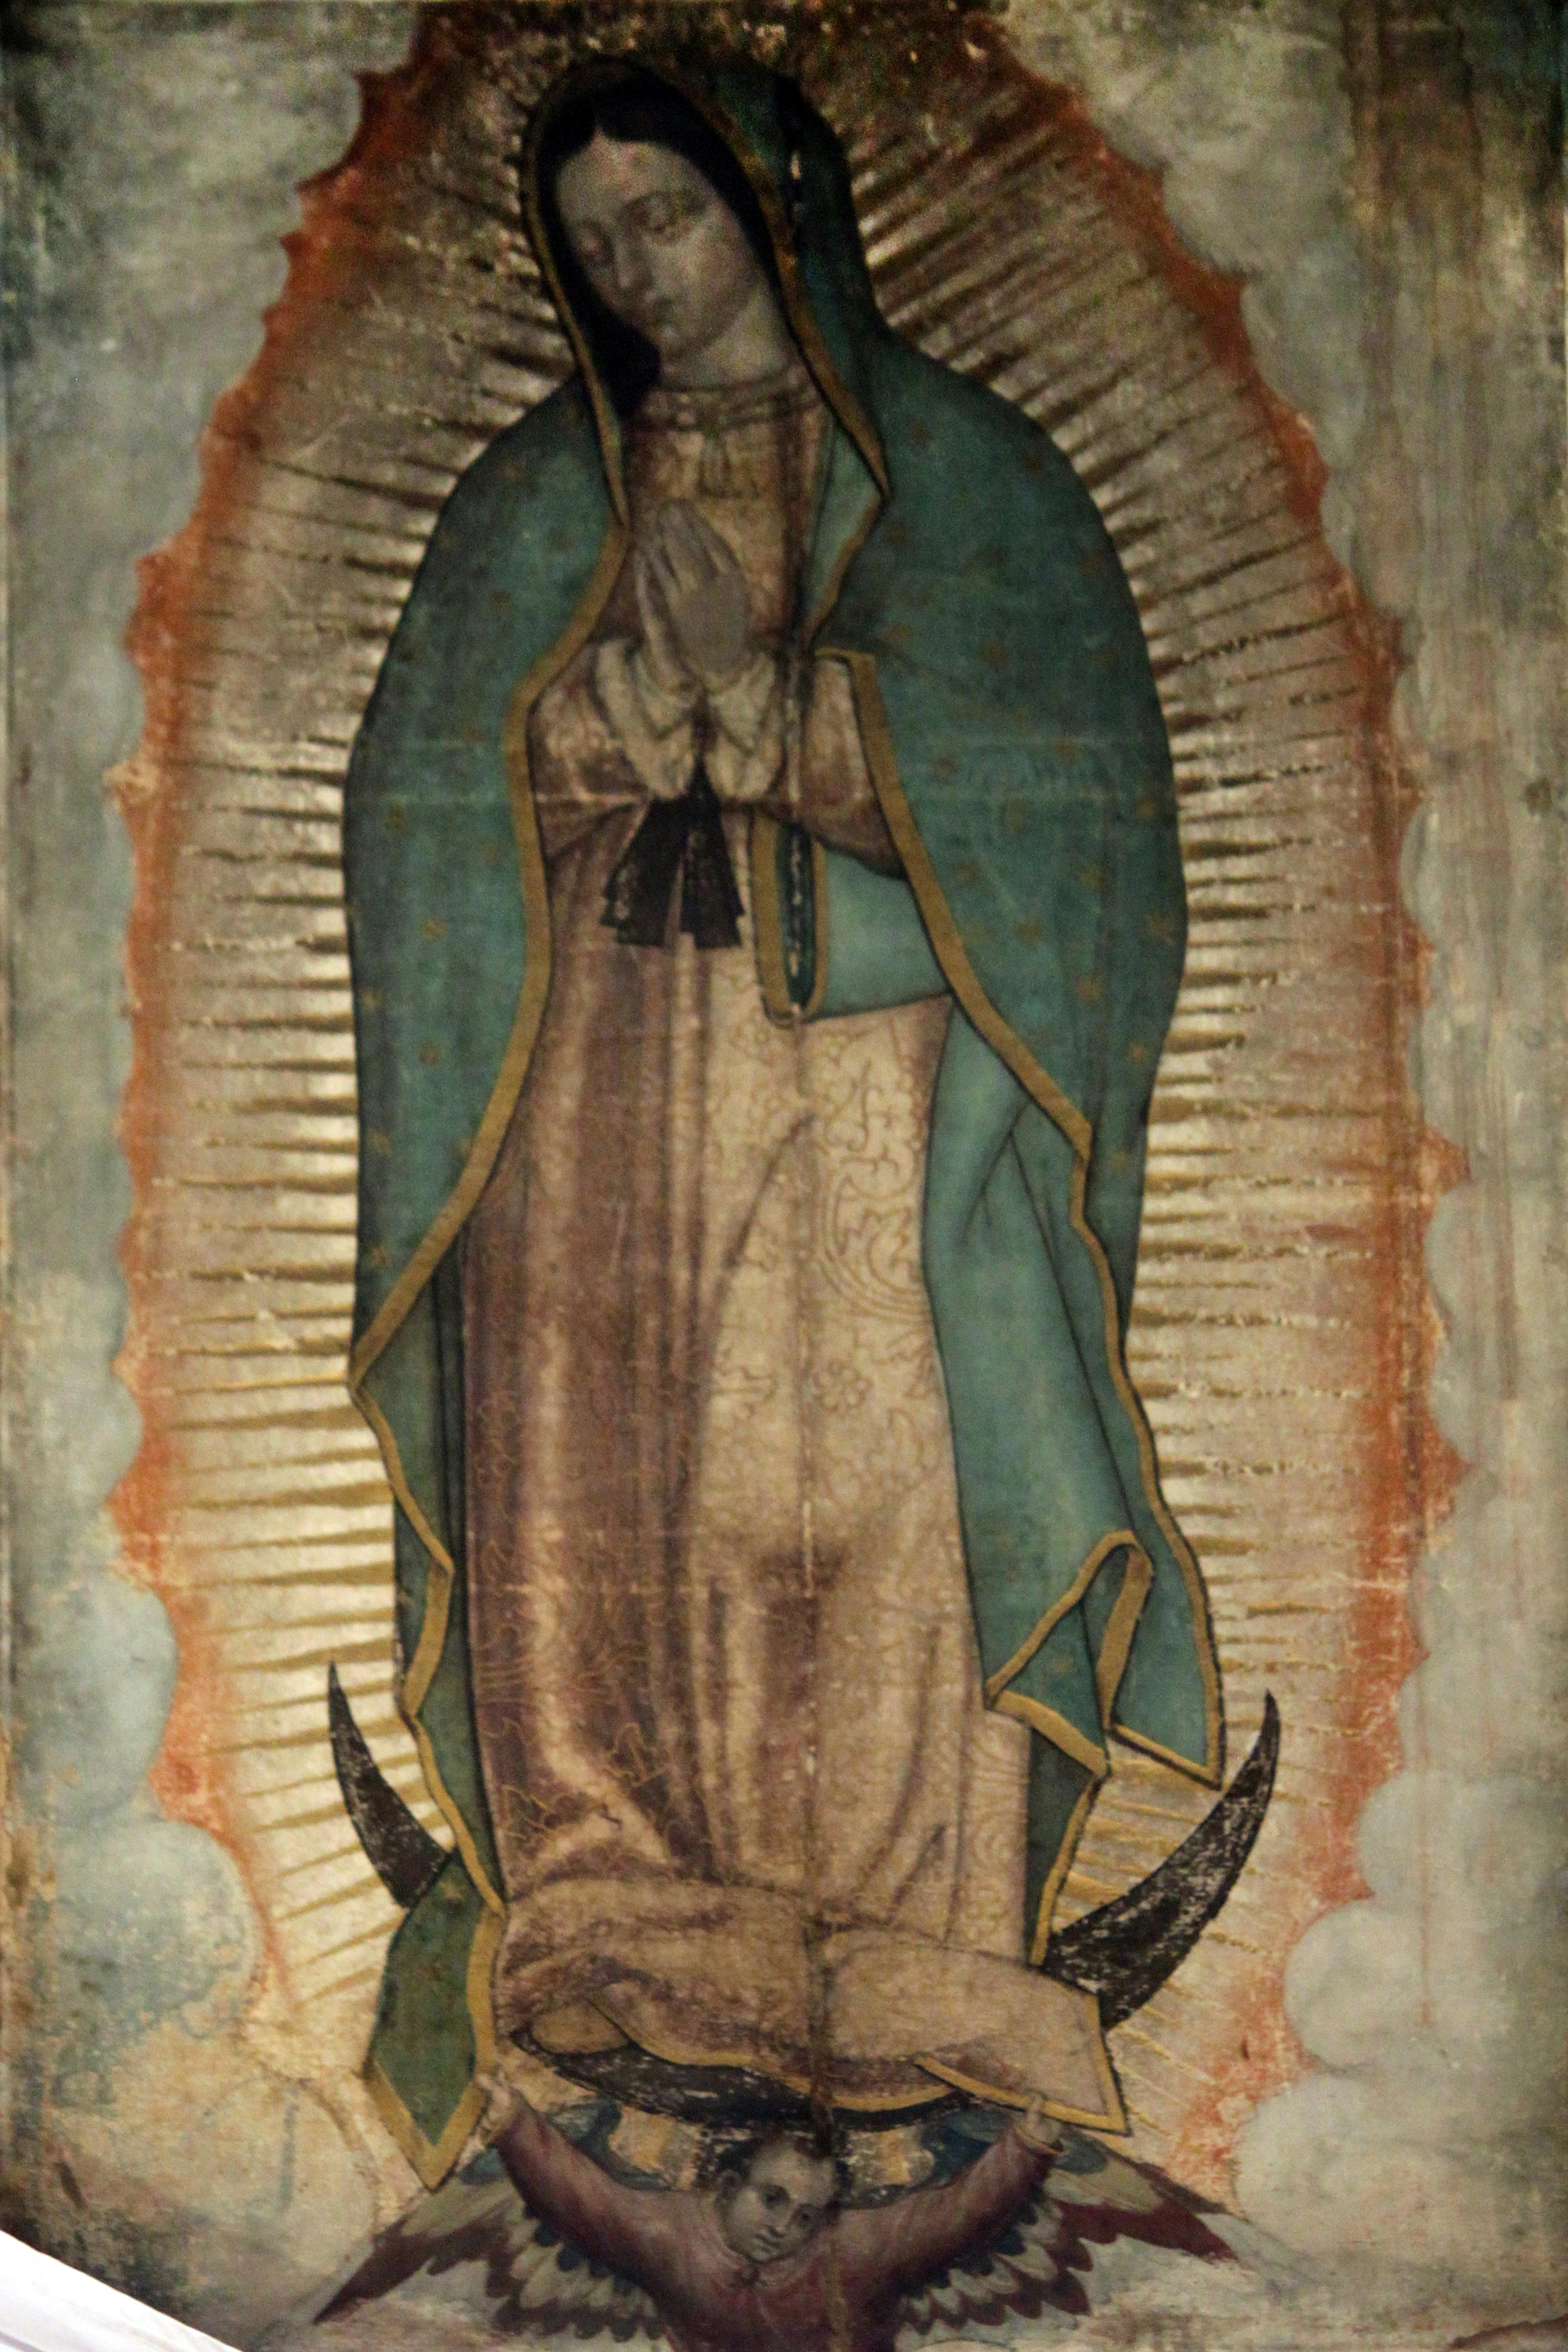 File:1531 Nuestra Señora de Guadalupe anagoria.jpg